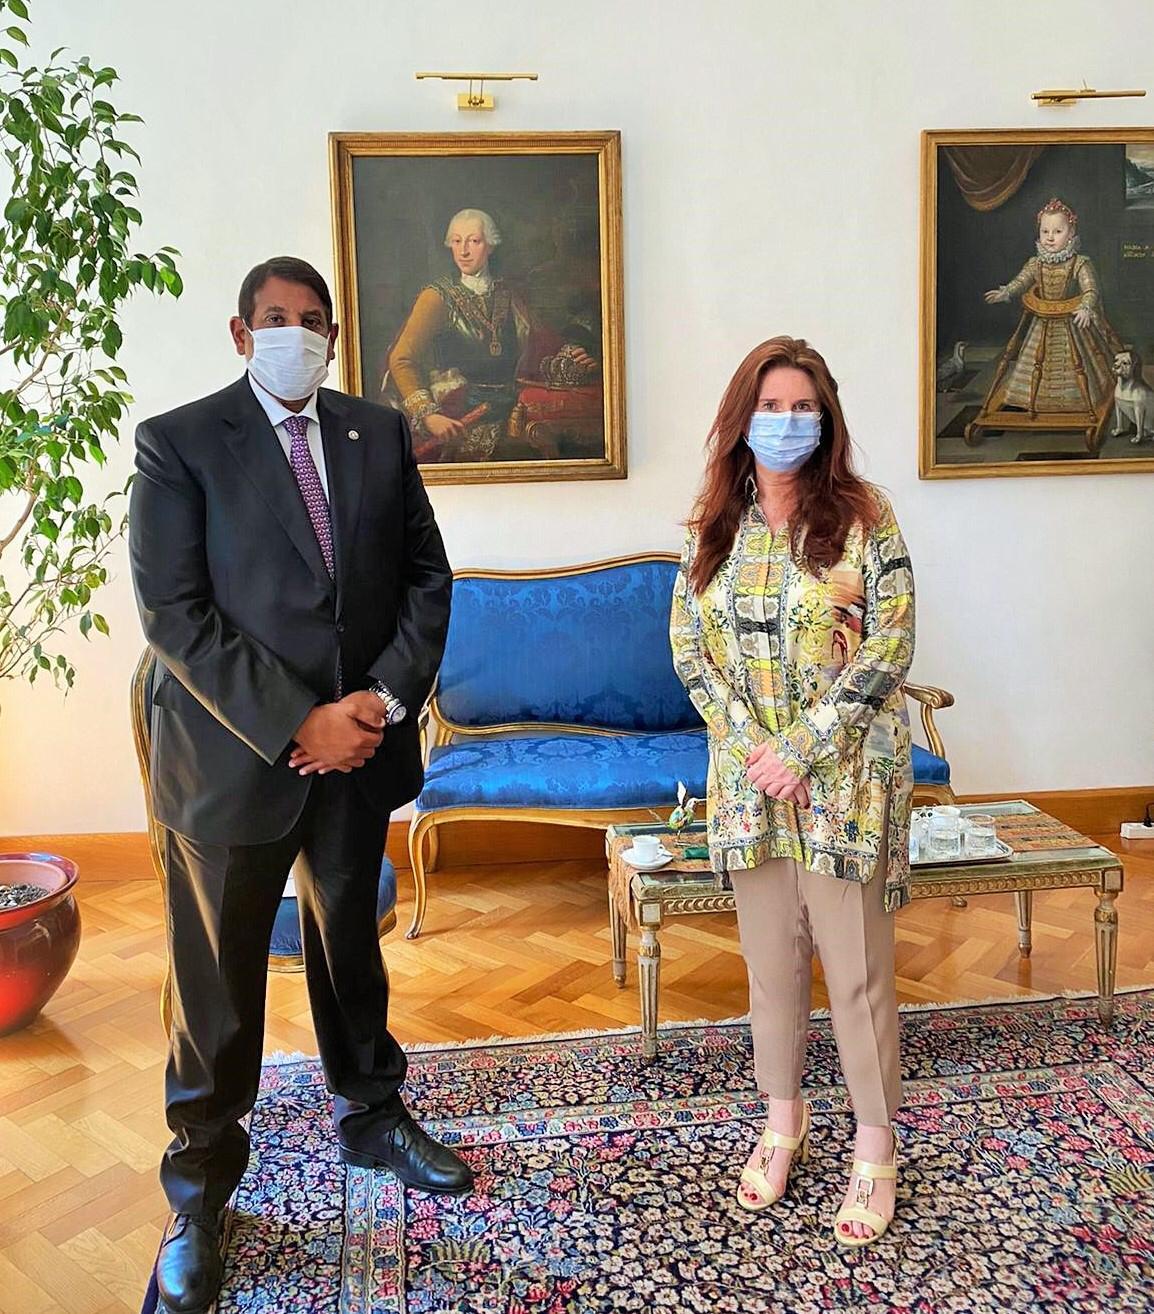 المستشارة الدبلوماسية للرئيس الإيطالي تجتمع مع سفير دولة قطر